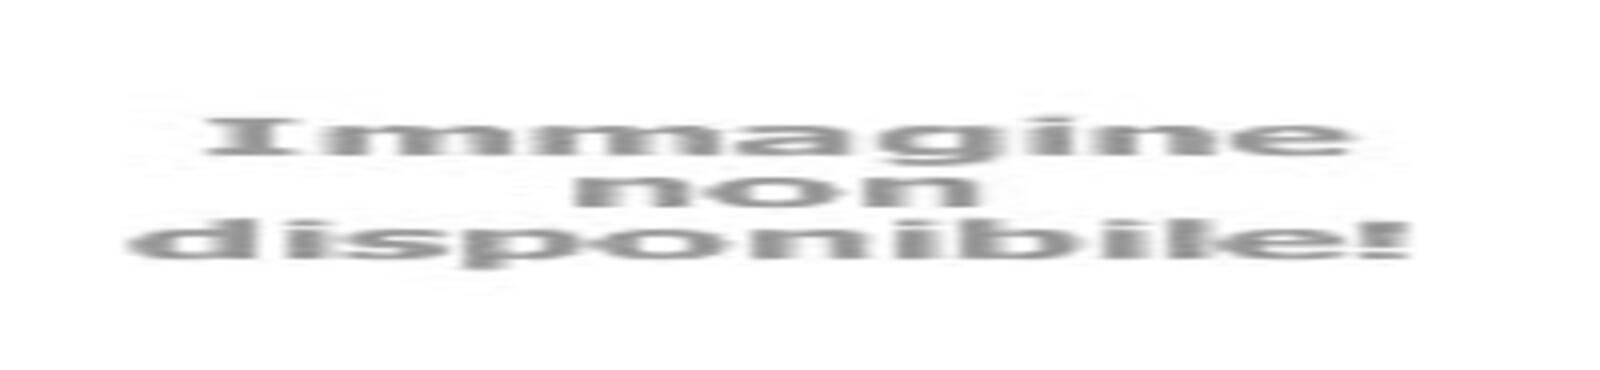 petronianaviaggi it oman-un-incontro-sorprendente-tra-deserto-e-palme-v138 002